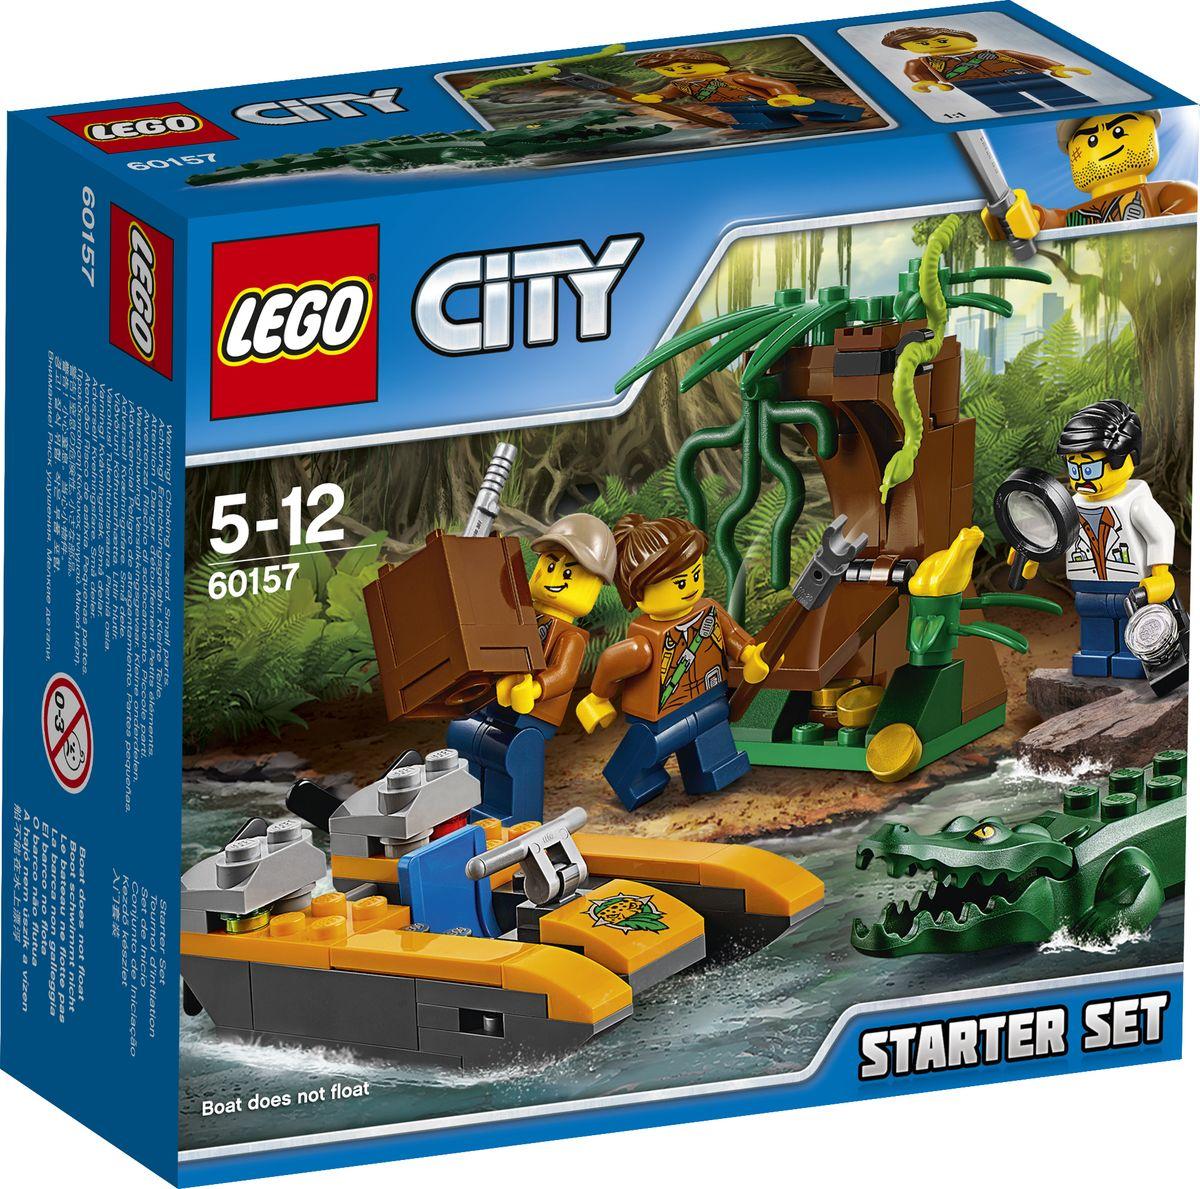 LEGO City Jungle Explorer Конструктор Набор Джунгли для начинающих 60157